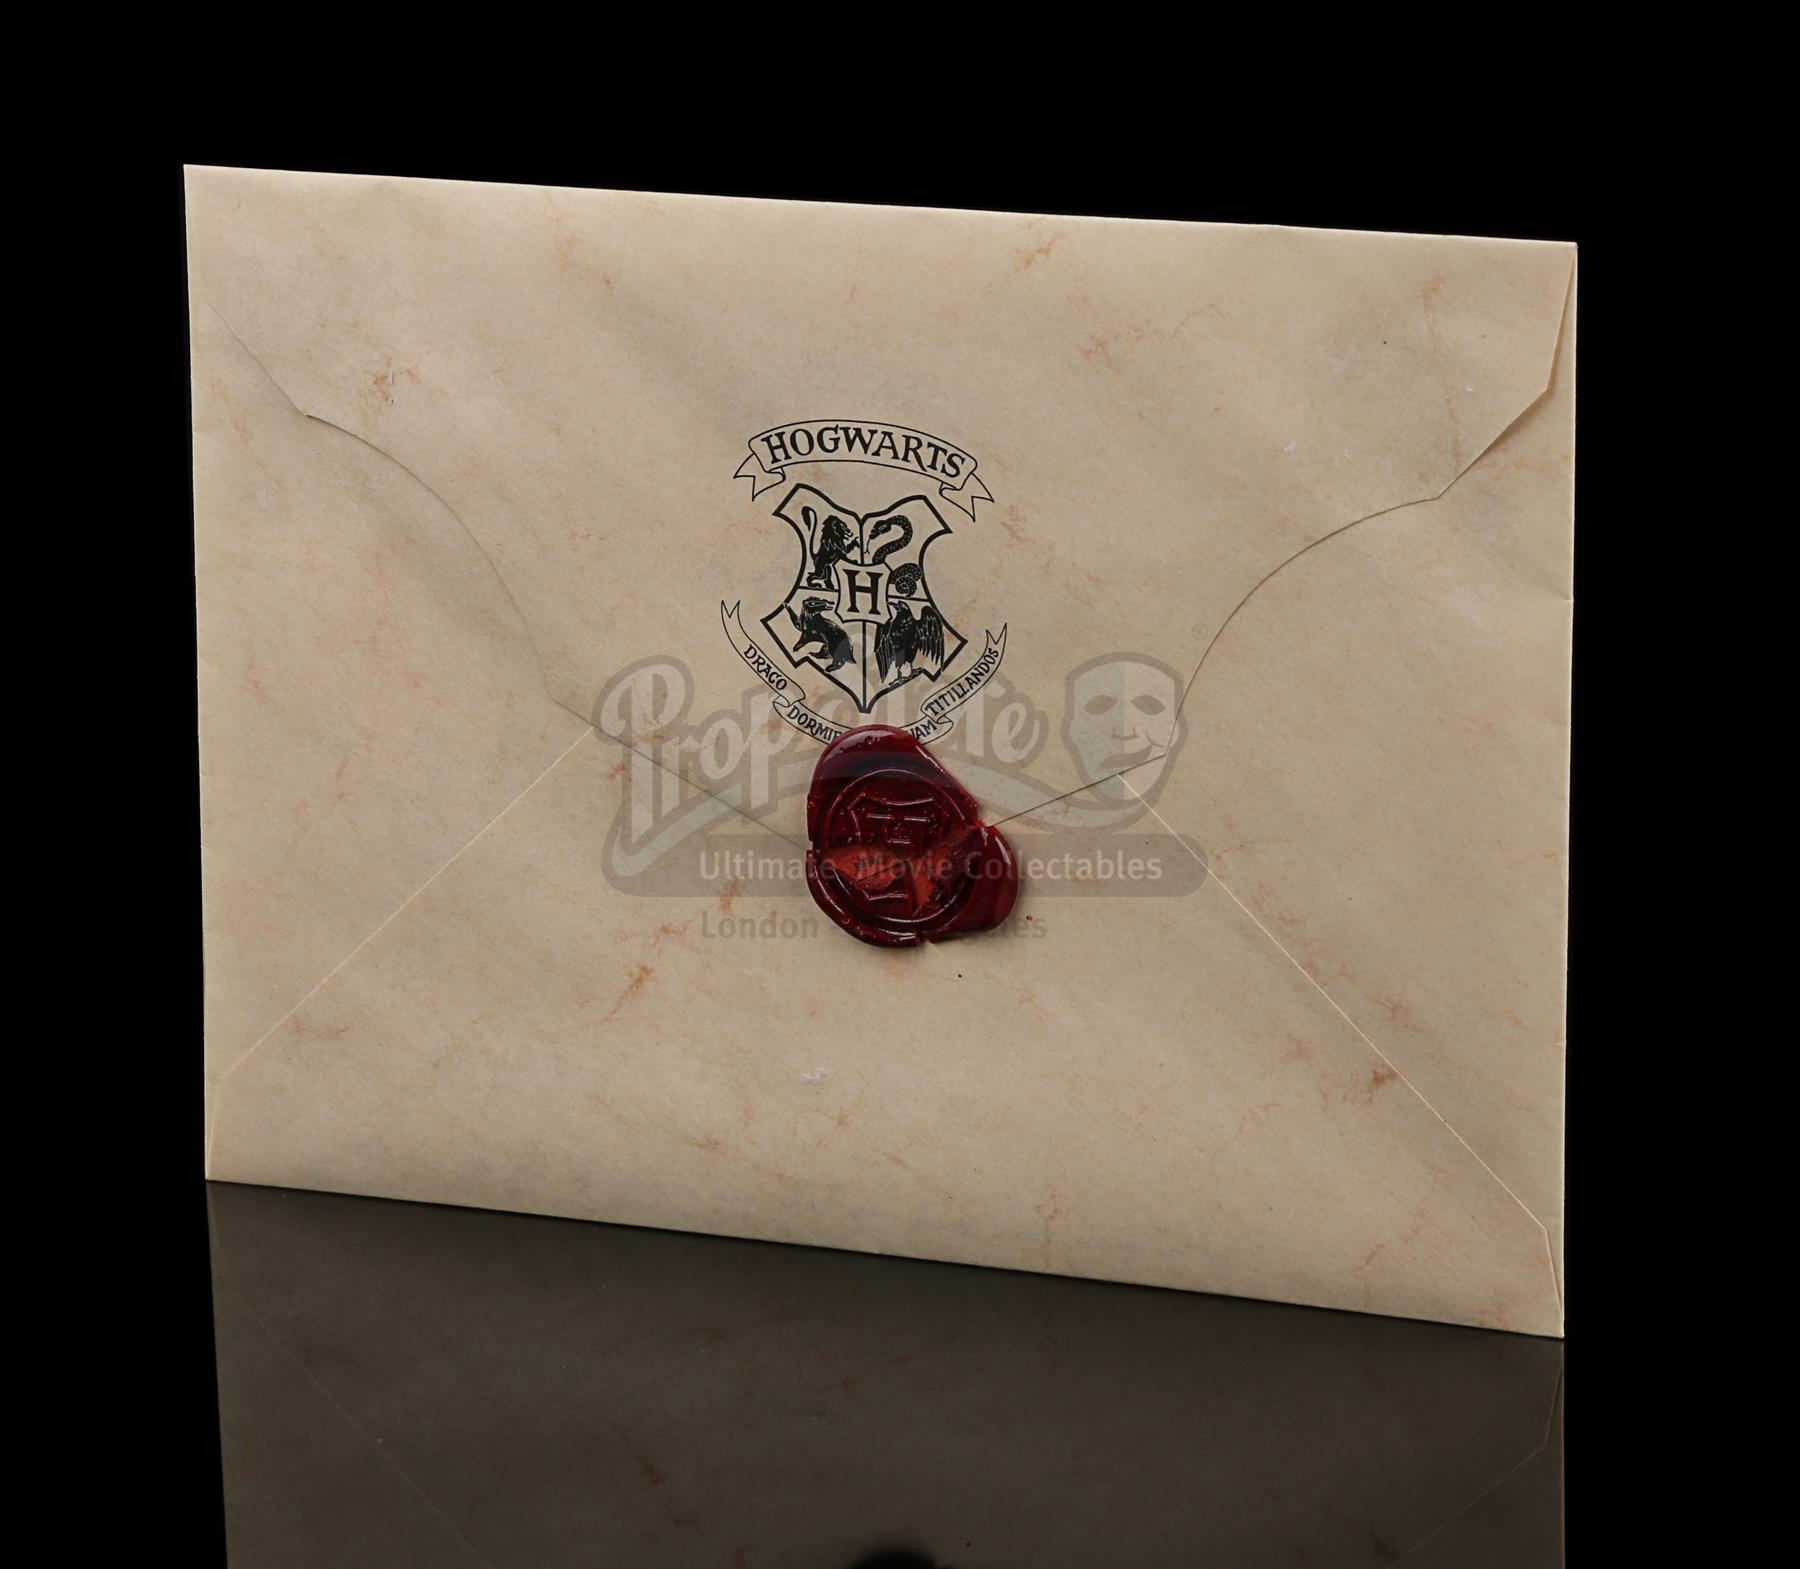 Des lettres accessoires de Harry Potter aux enchères